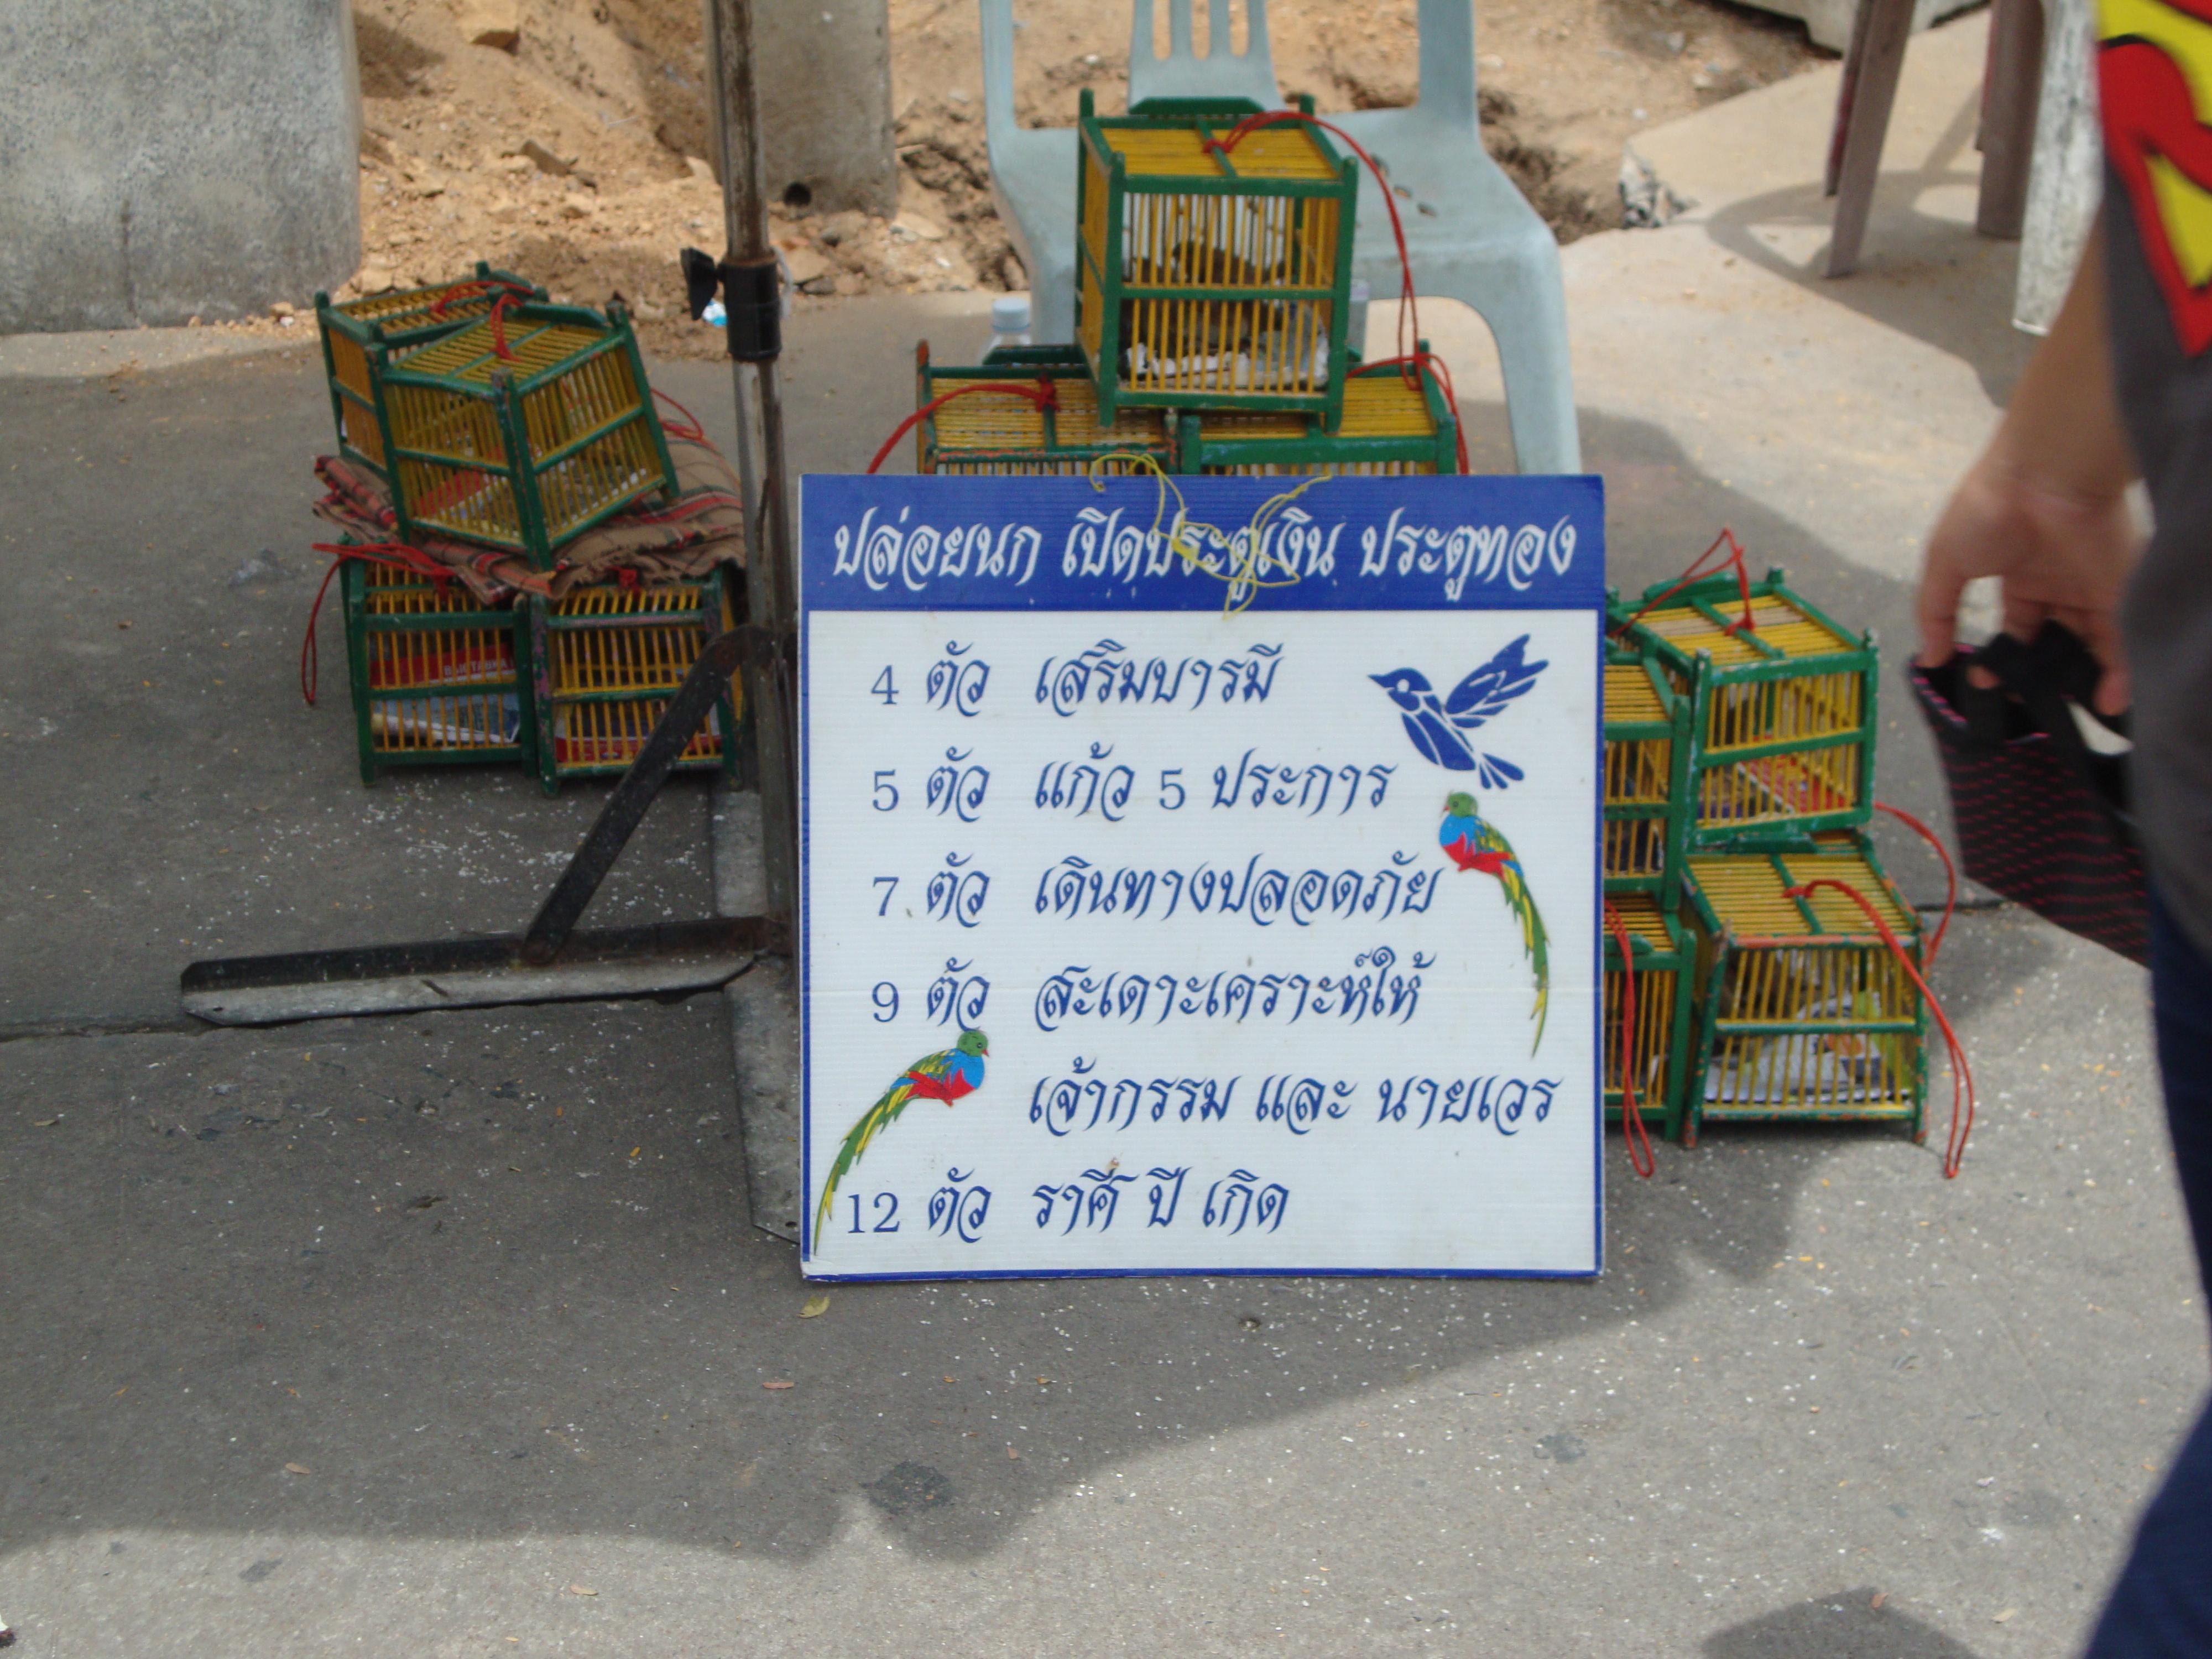 Free the birds, Bangkok, Thailand